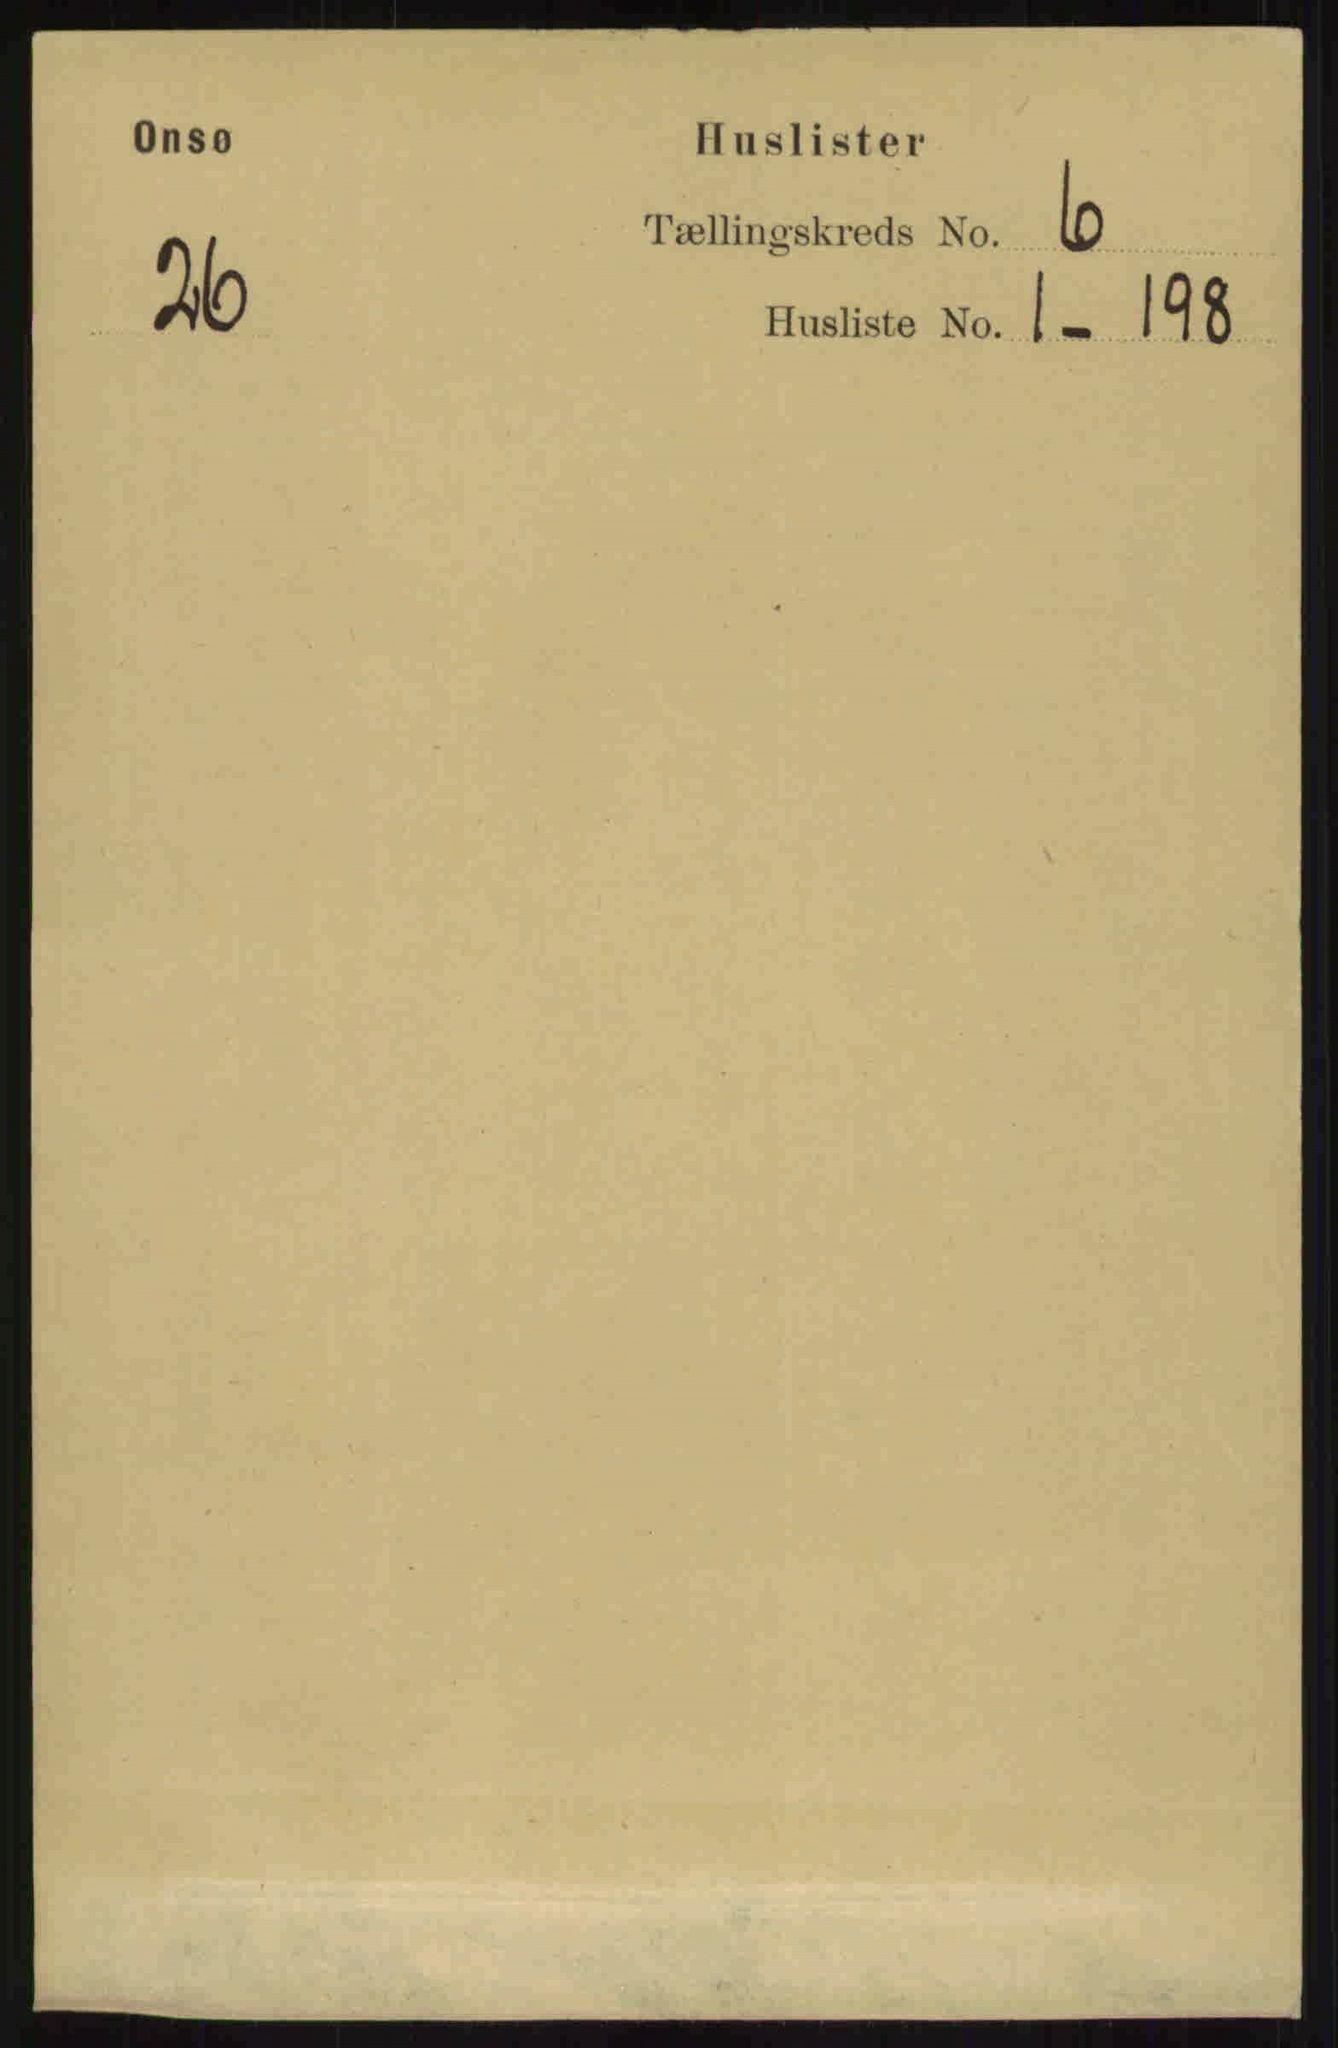 RA, Folketelling 1891 for 0134 Onsøy herred, 1891, s. 4663